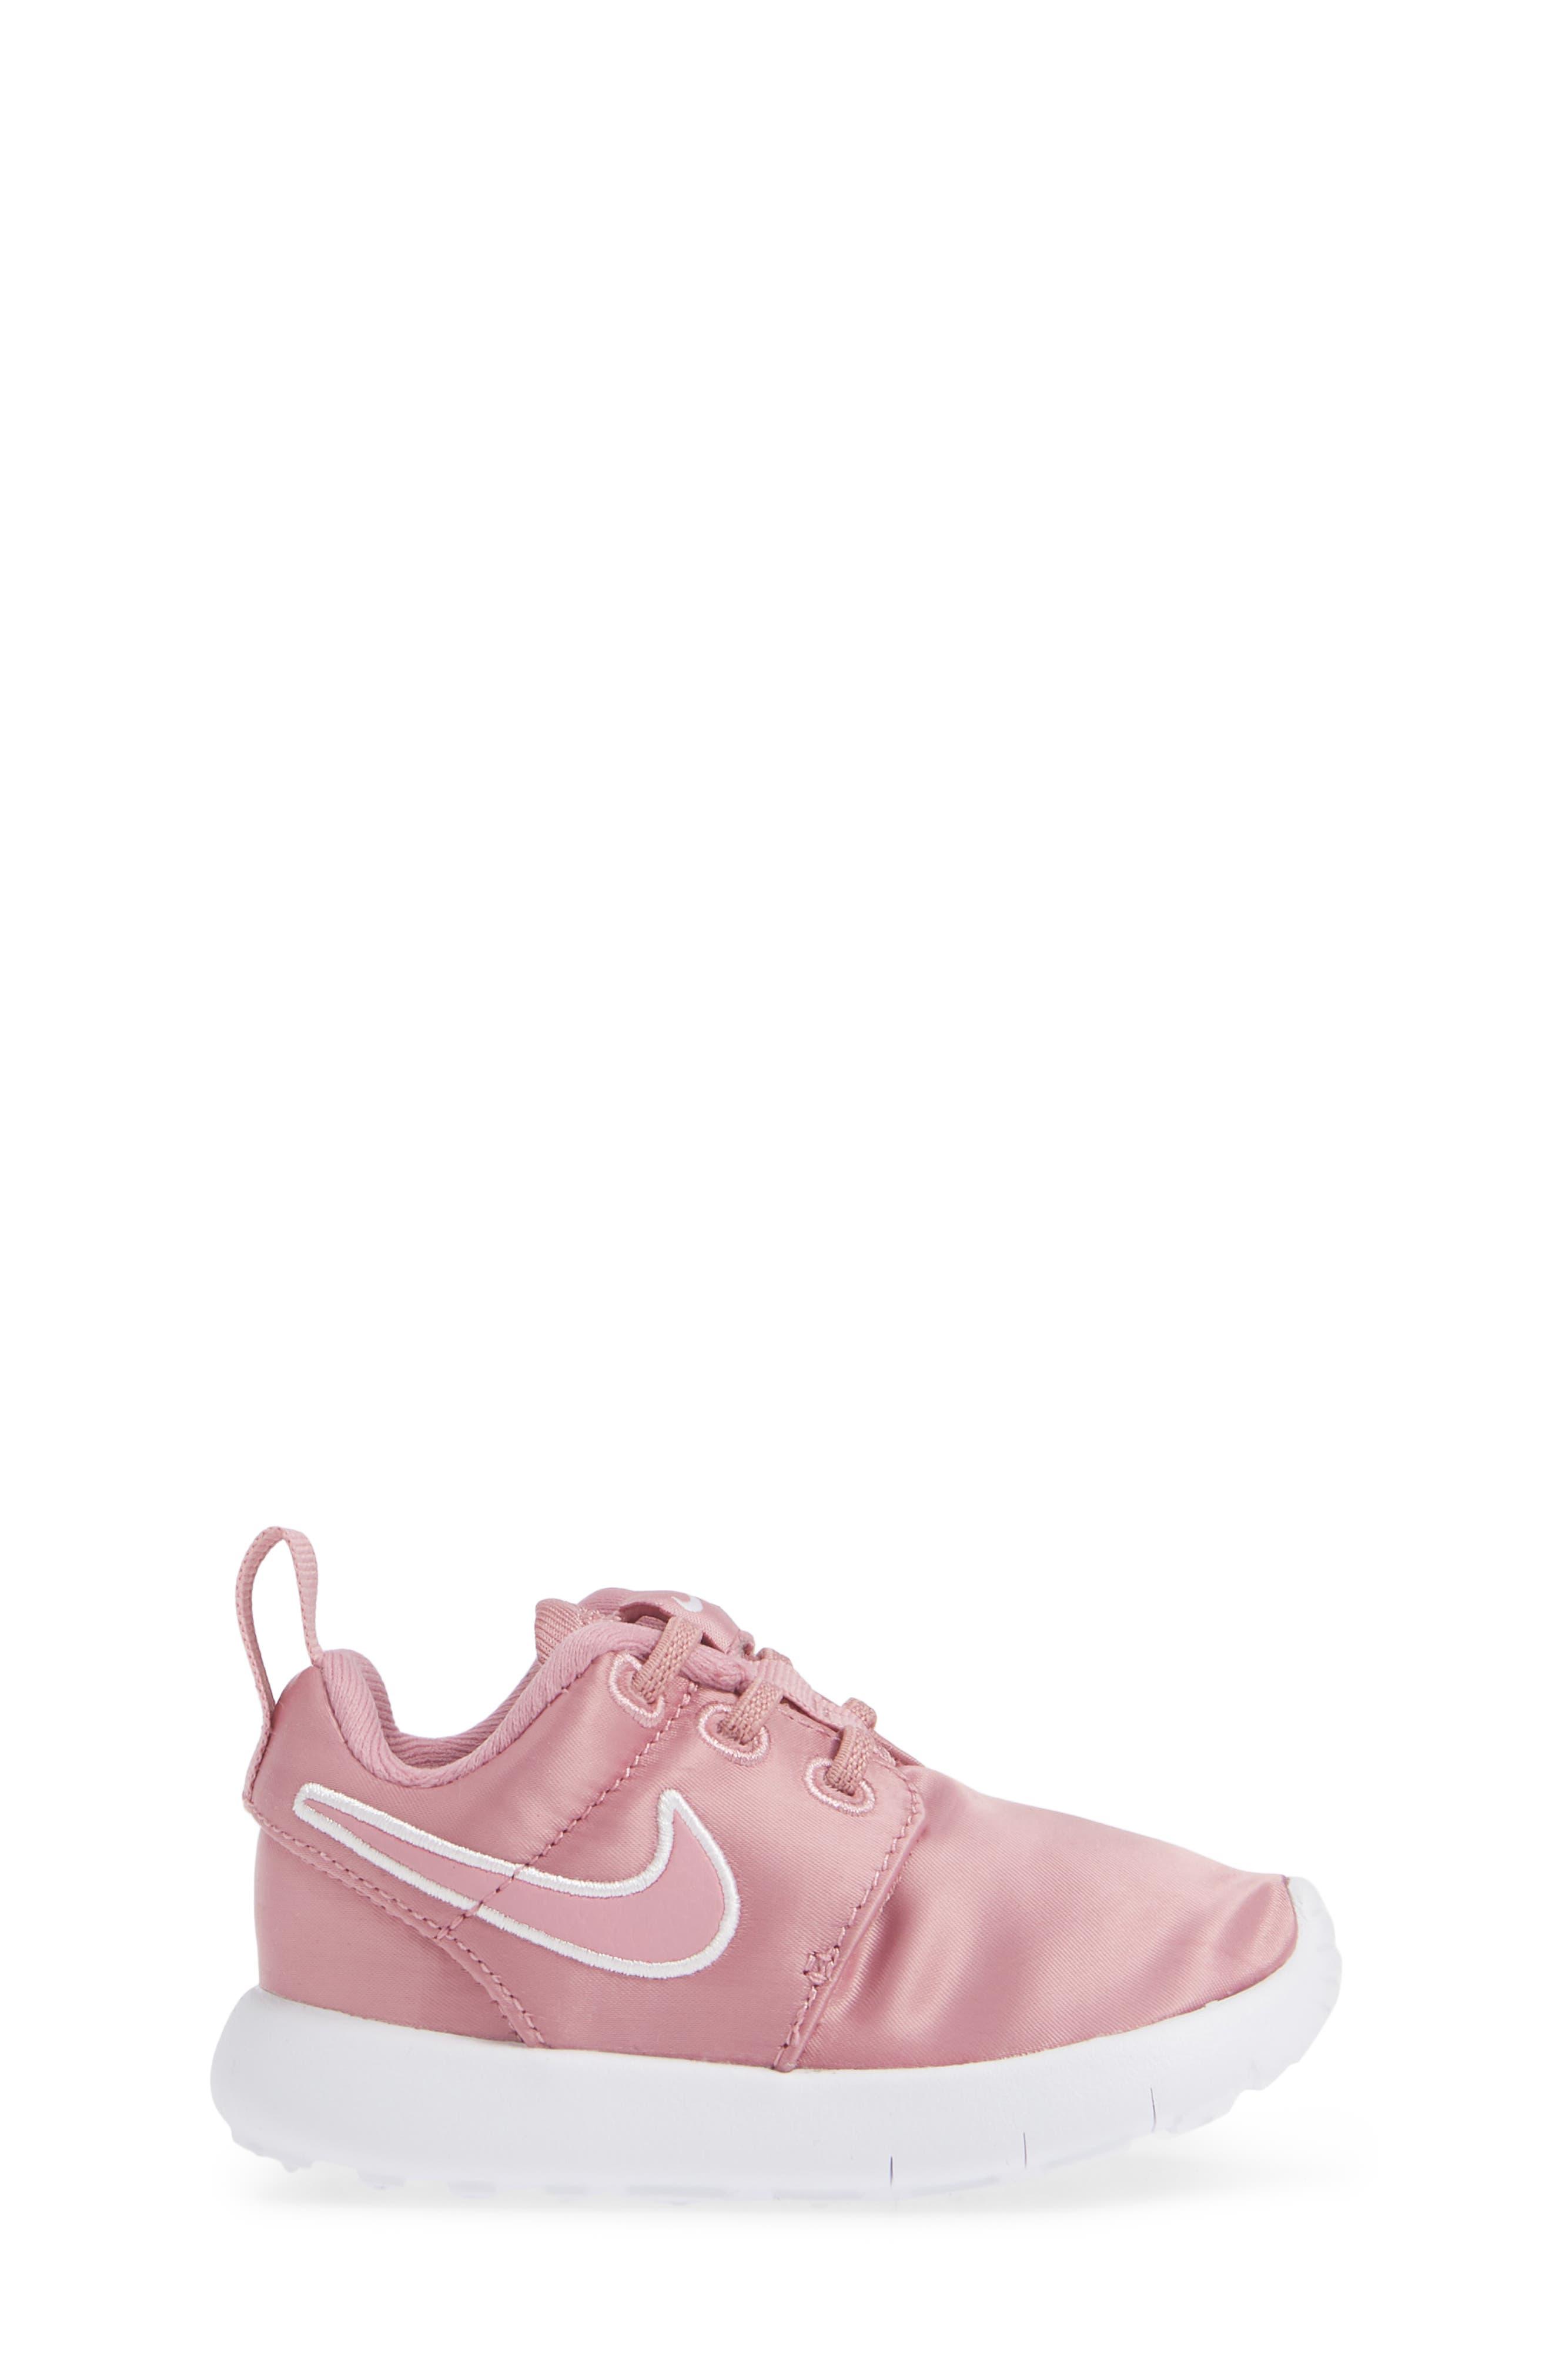 Roshe Run Sneaker,                             Alternate thumbnail 3, color,                             ELEMENTAL PINK/ PINK-WHITE